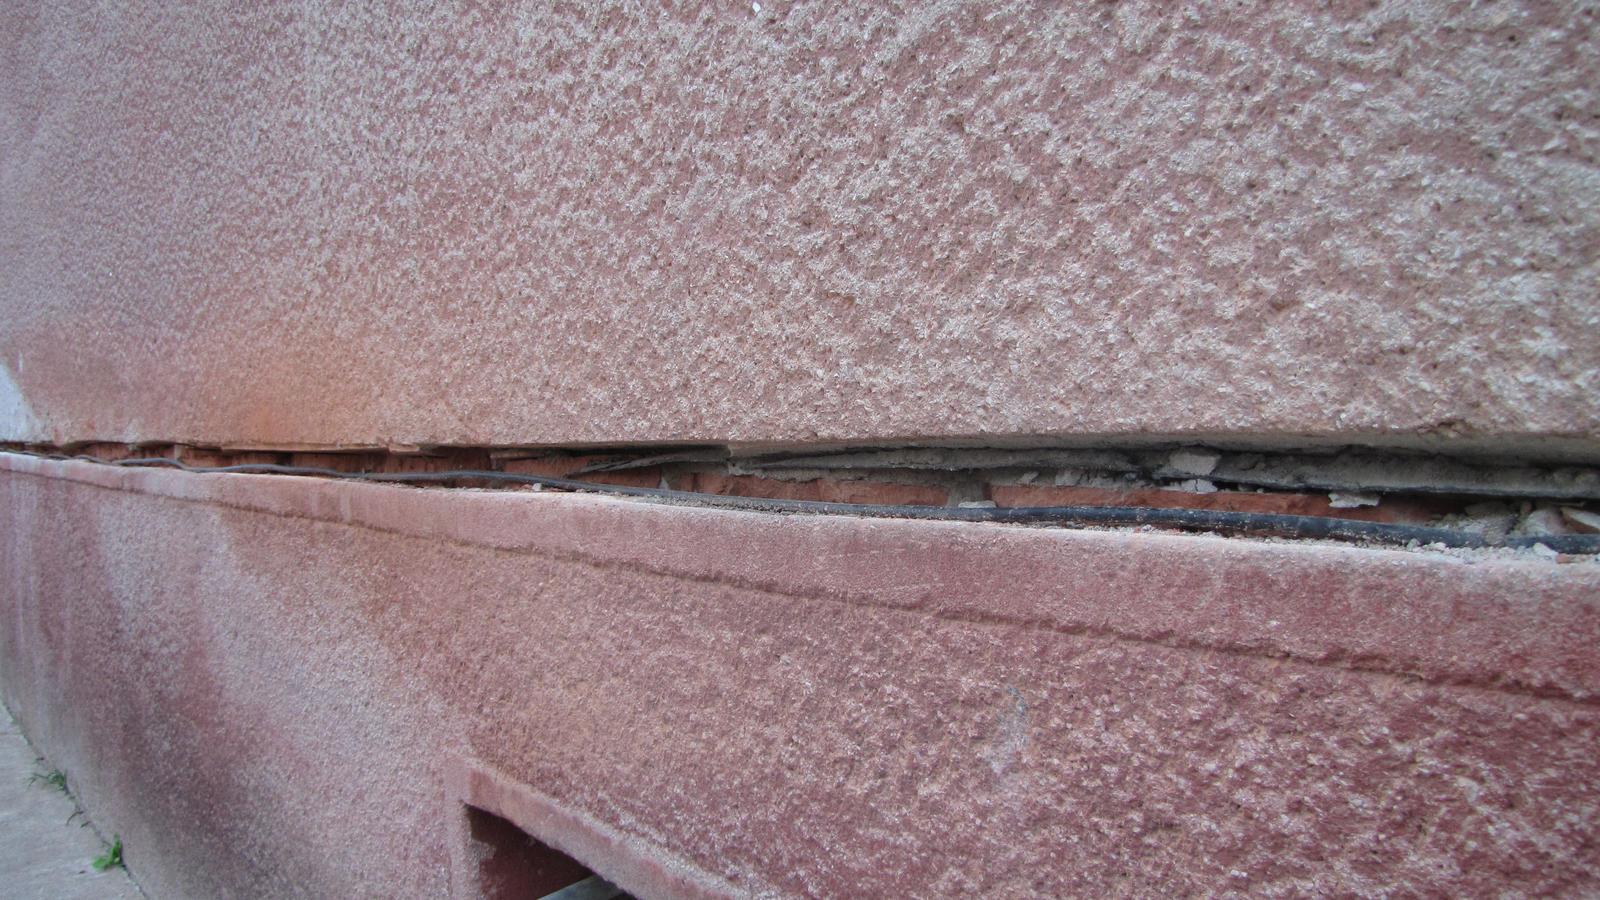 Ratnovce - Chyba takmer všetkých starých domov. Preomietnutá vodorovná hydroizolácia v exteriéri.